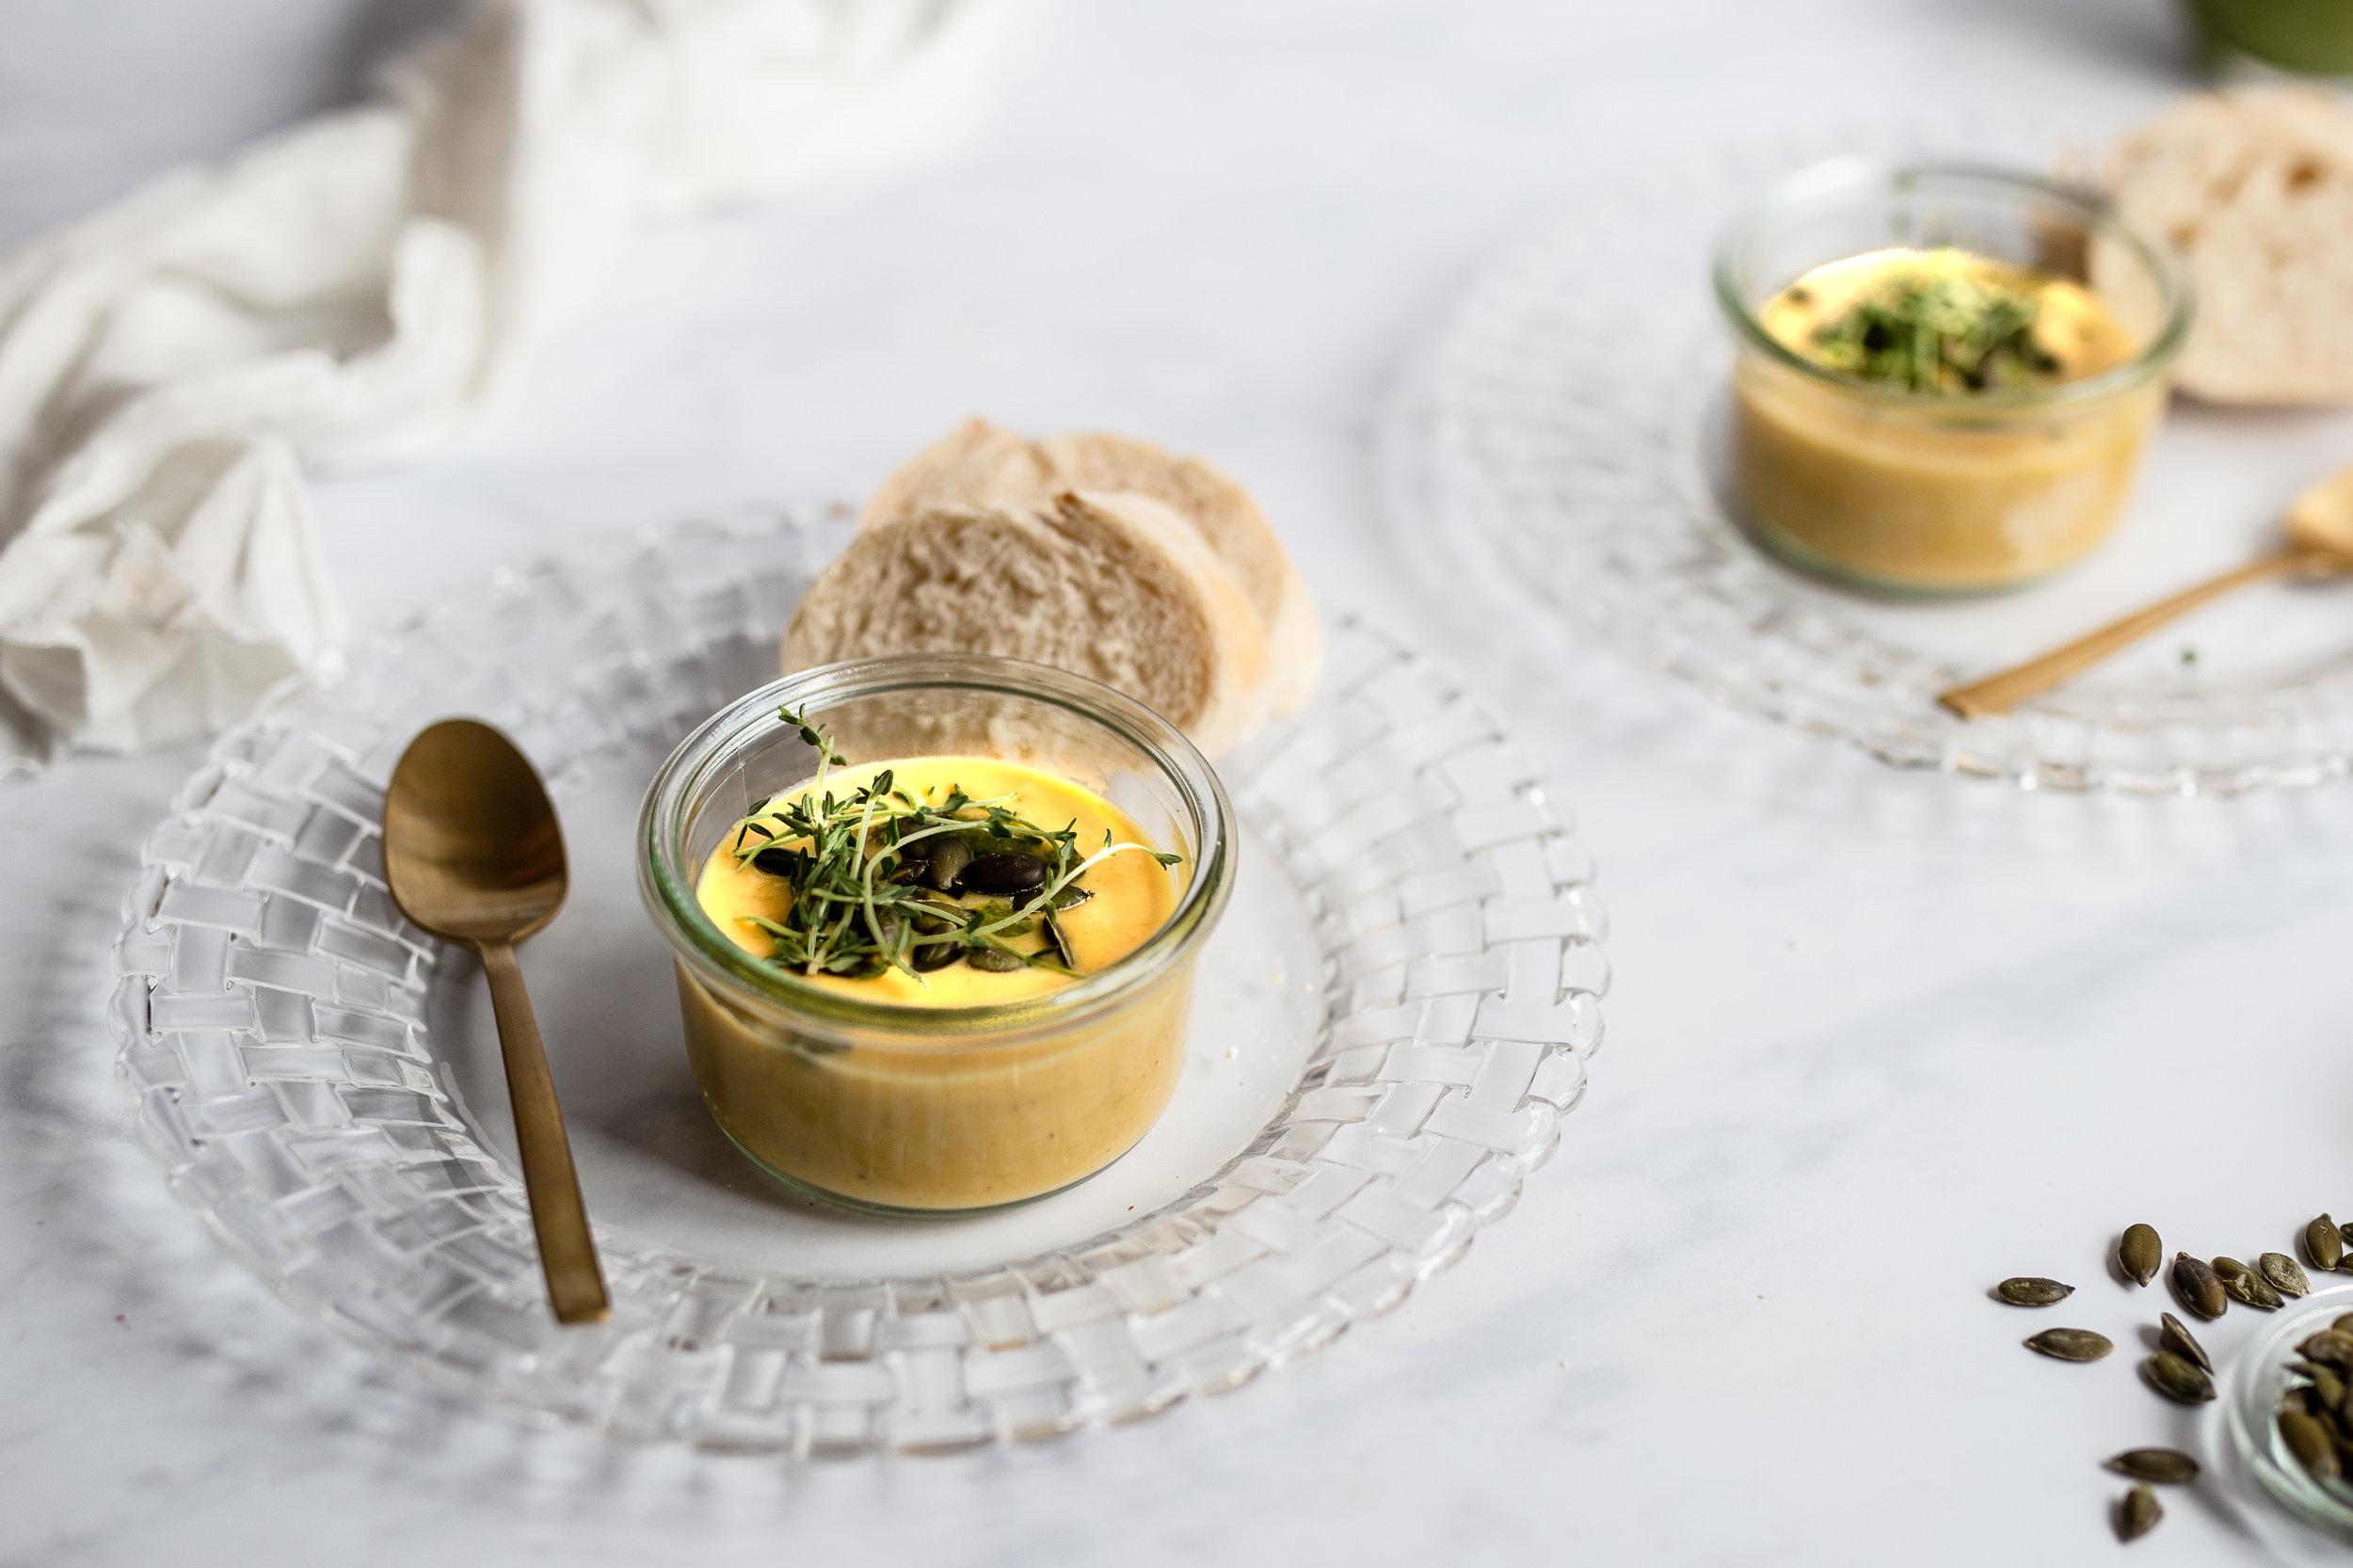 Das Styling unserer Suppe ist dezent, die Bildkomposition ist entsprechend des Anlasses elegant und clean.